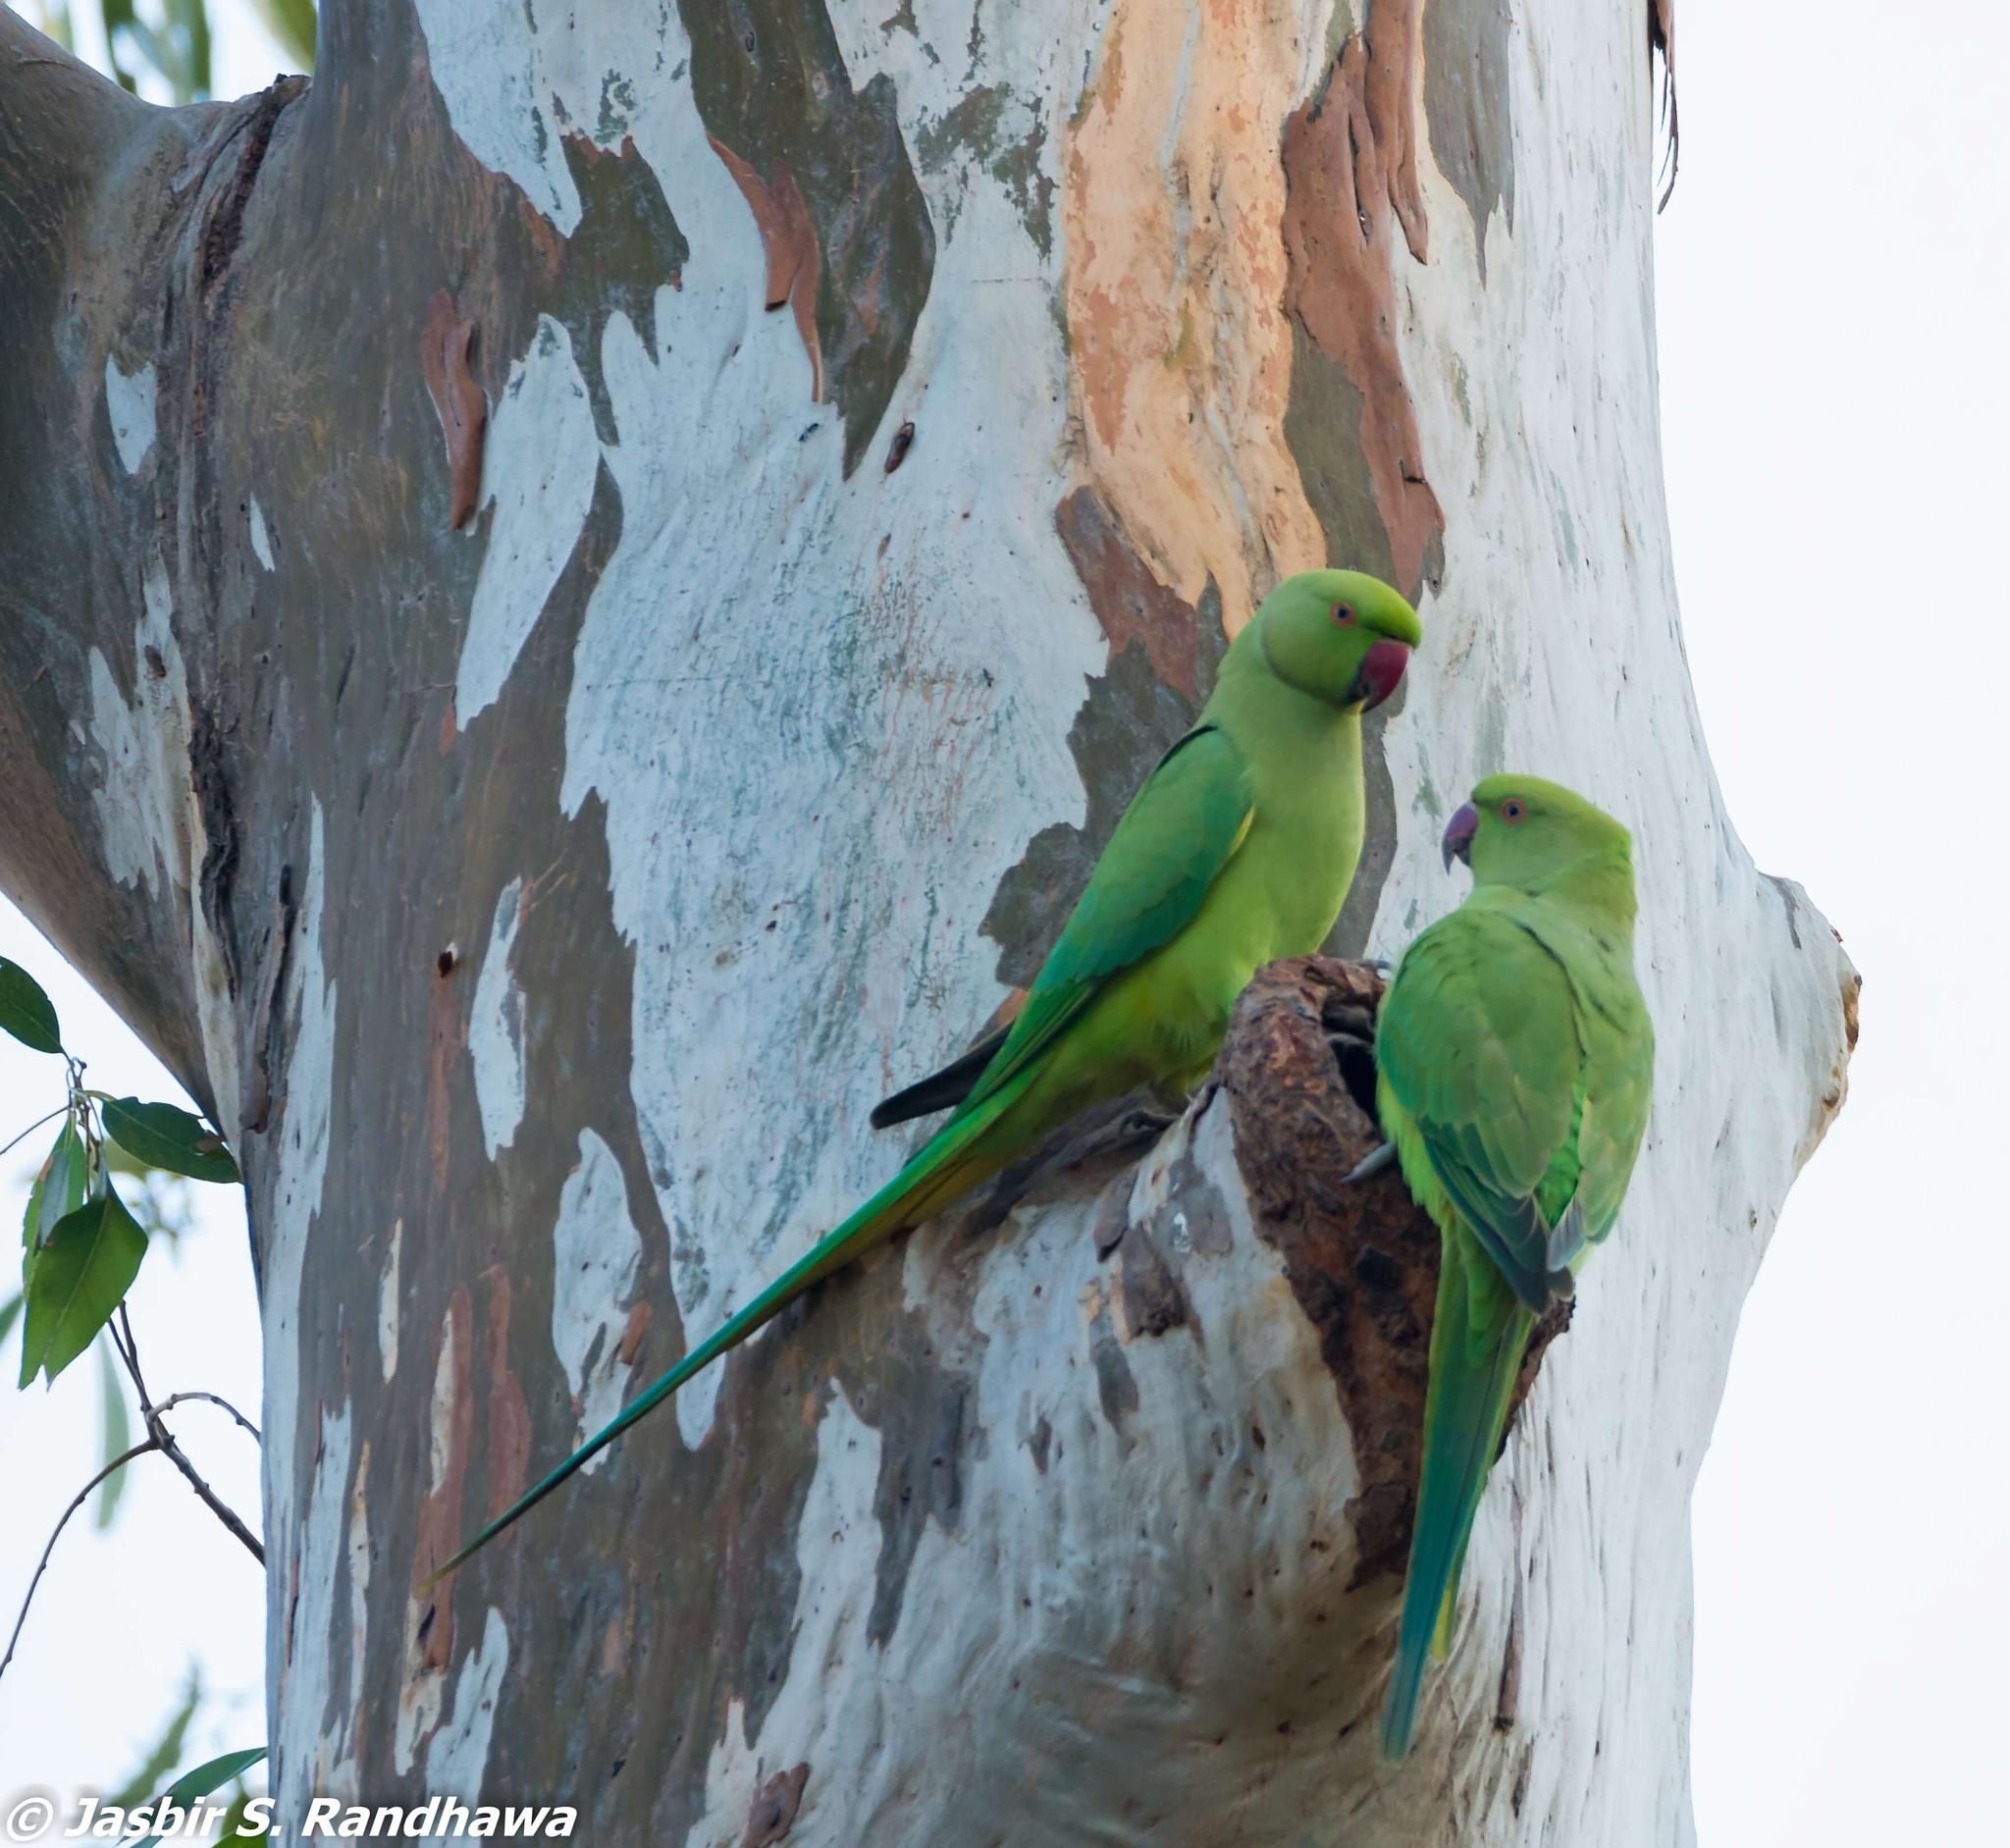 Rose-ringed Parakeets (Psittacula krameri) by Jasbir S. Randhawa